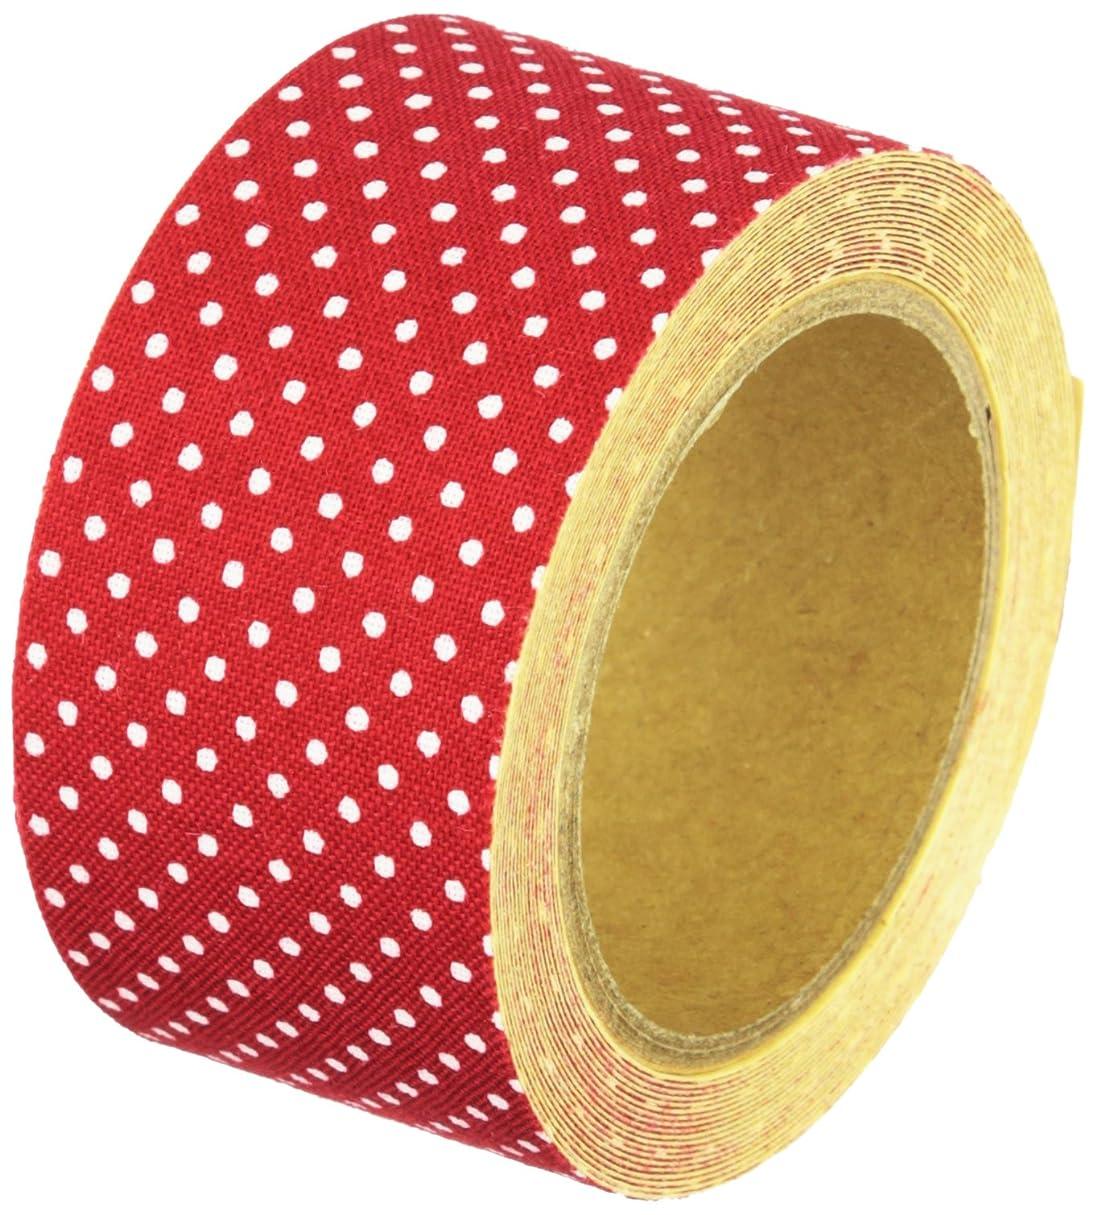 印象吐くやりがいのあるモリト Halulu 衣類用布シール Sドット レッド 1巻